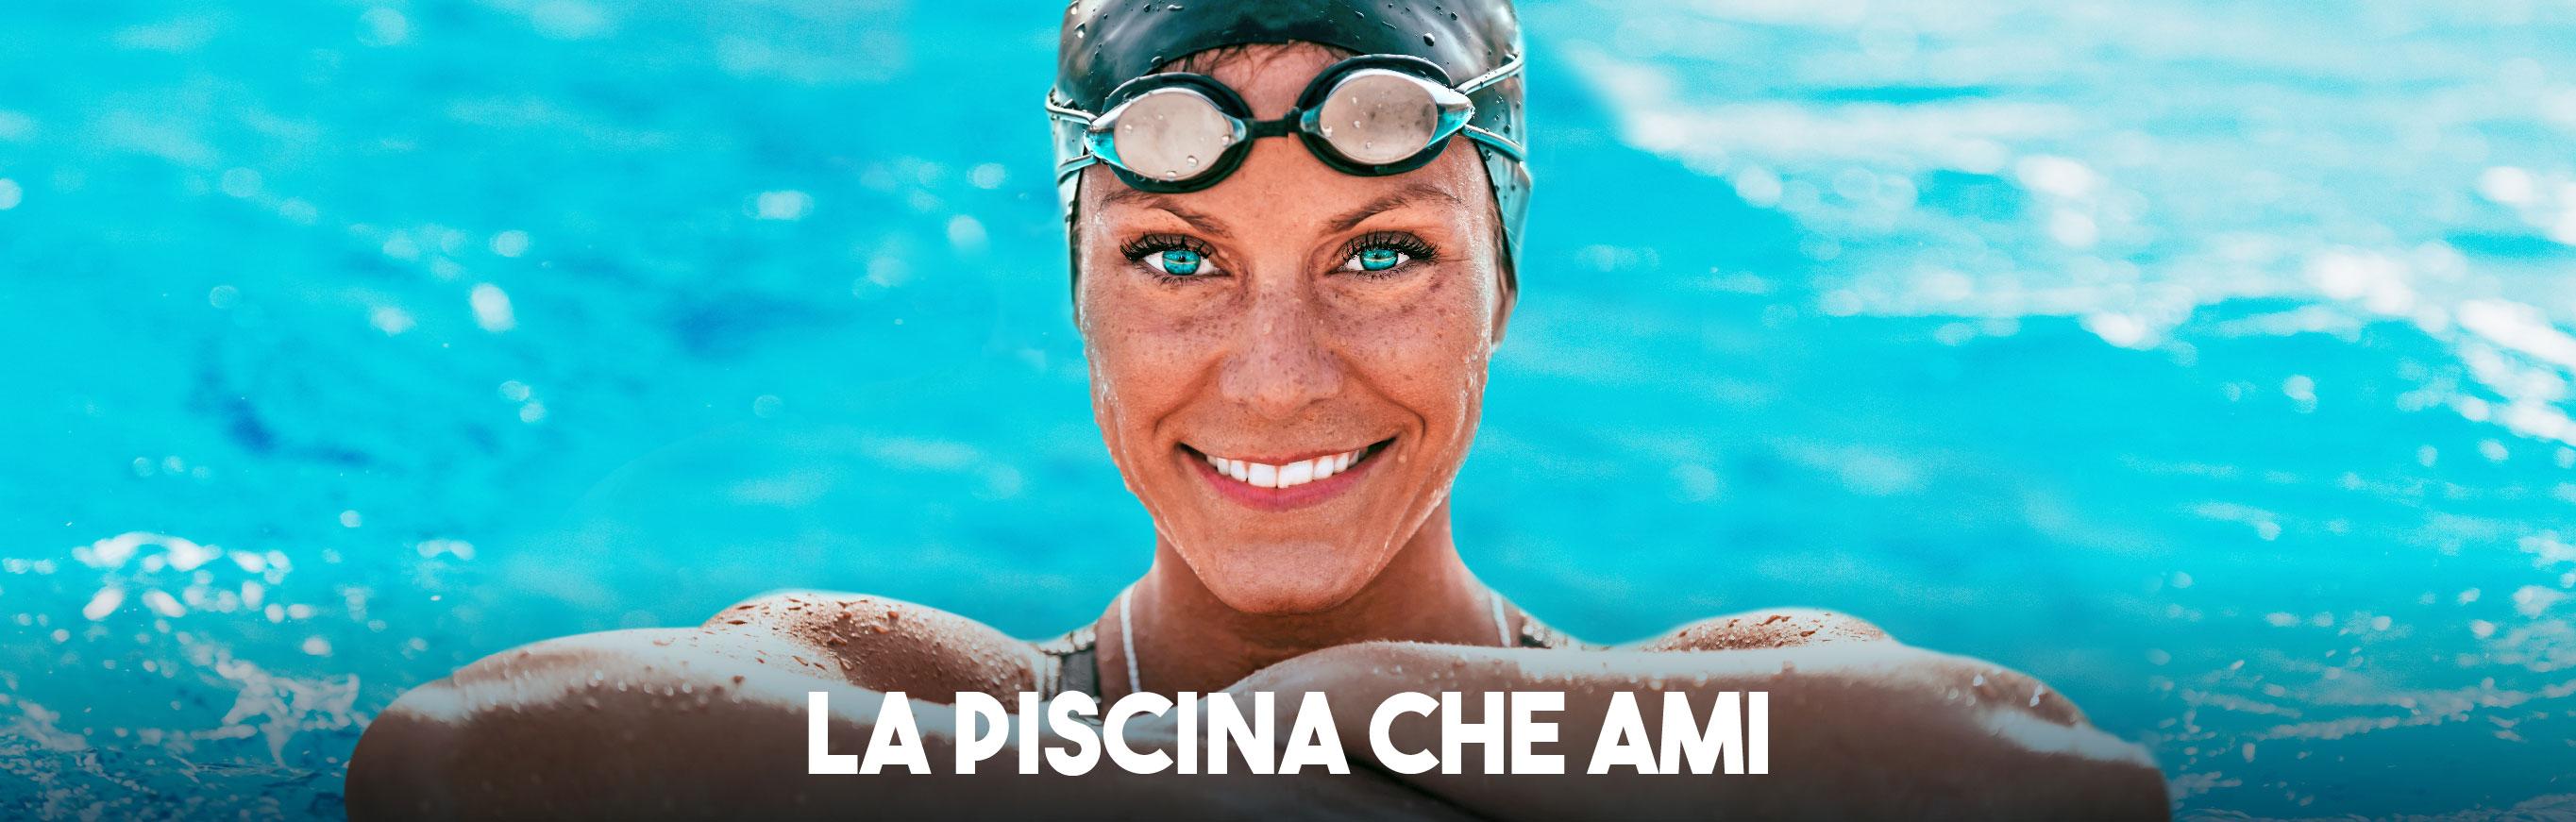 Preiscrizione corsi nuoto stagione 2017 2018 piscina di - Piscina solbiate olona ...